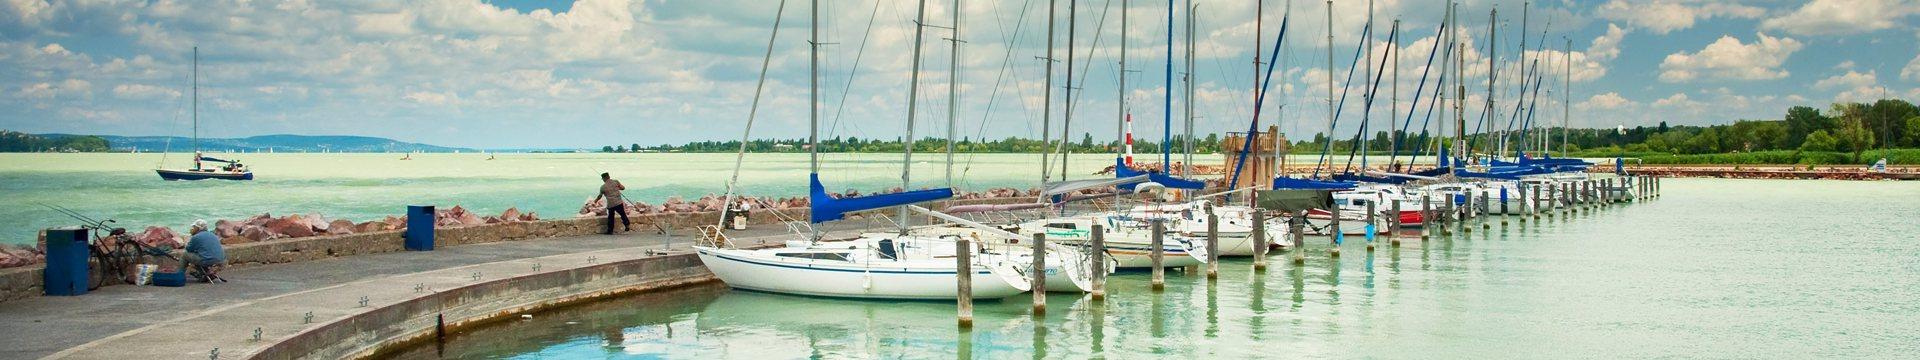 Balatonmeer